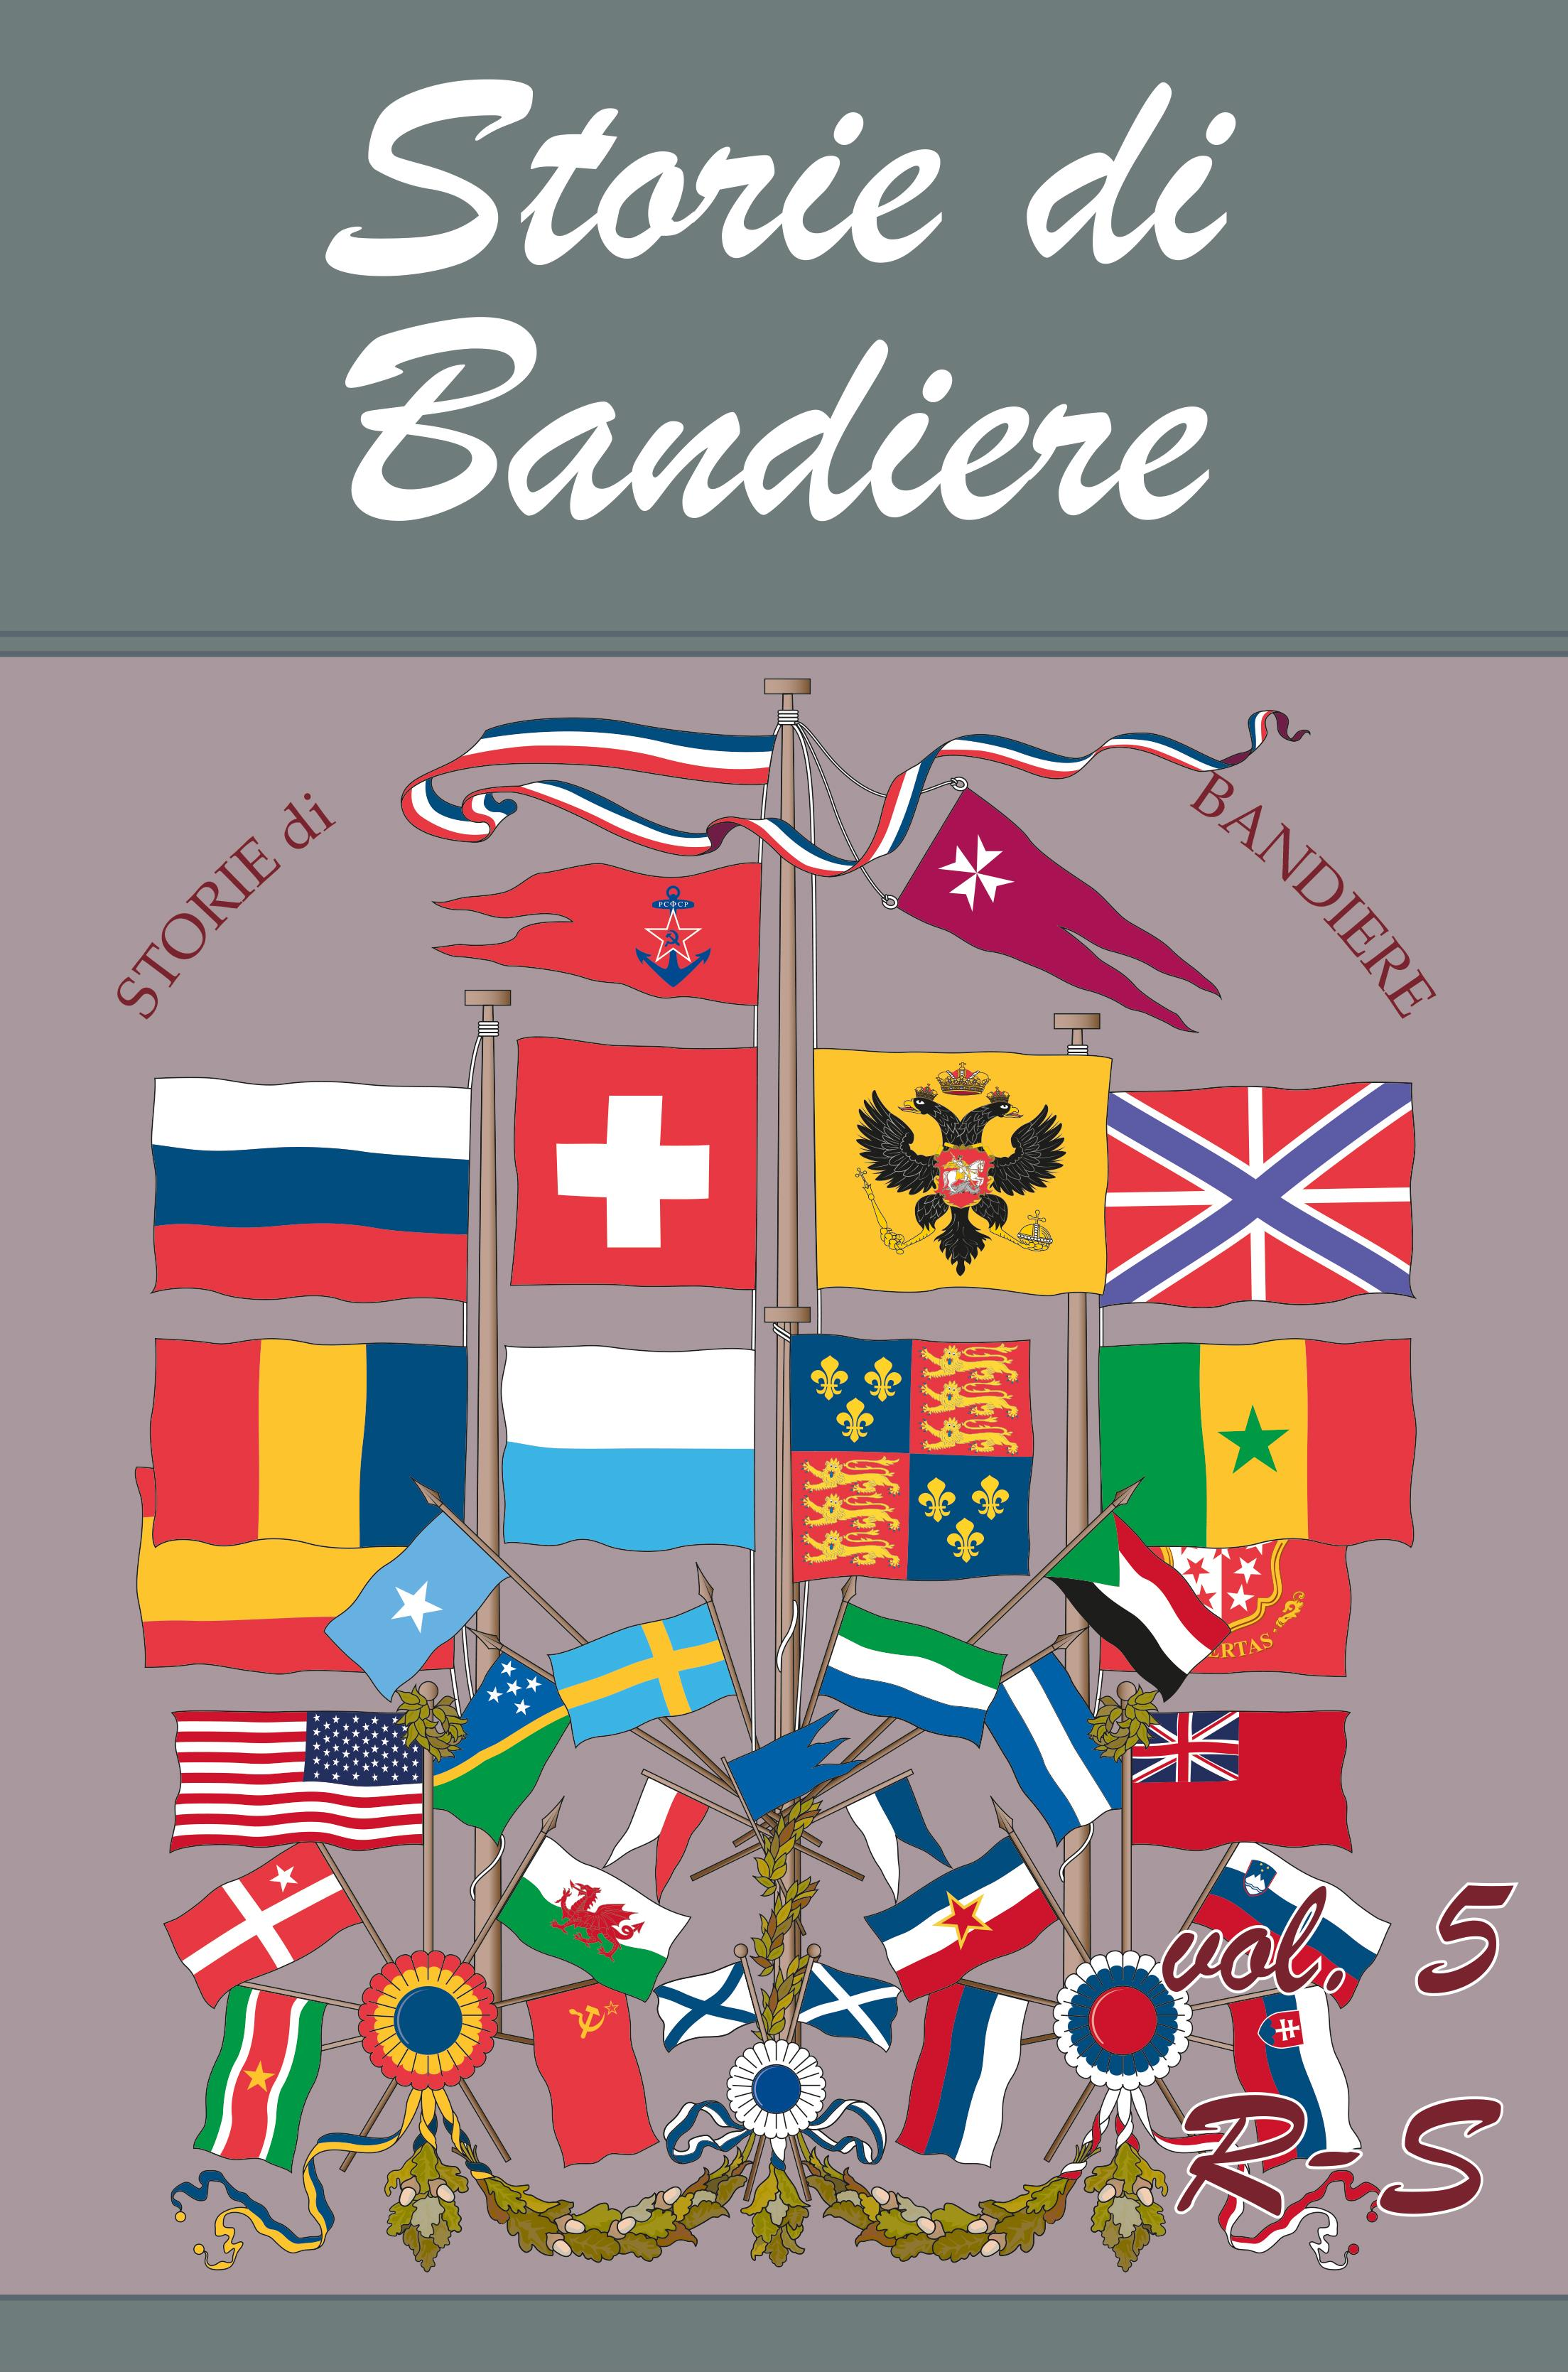 Storie di Bandiere vol. 5 R-S